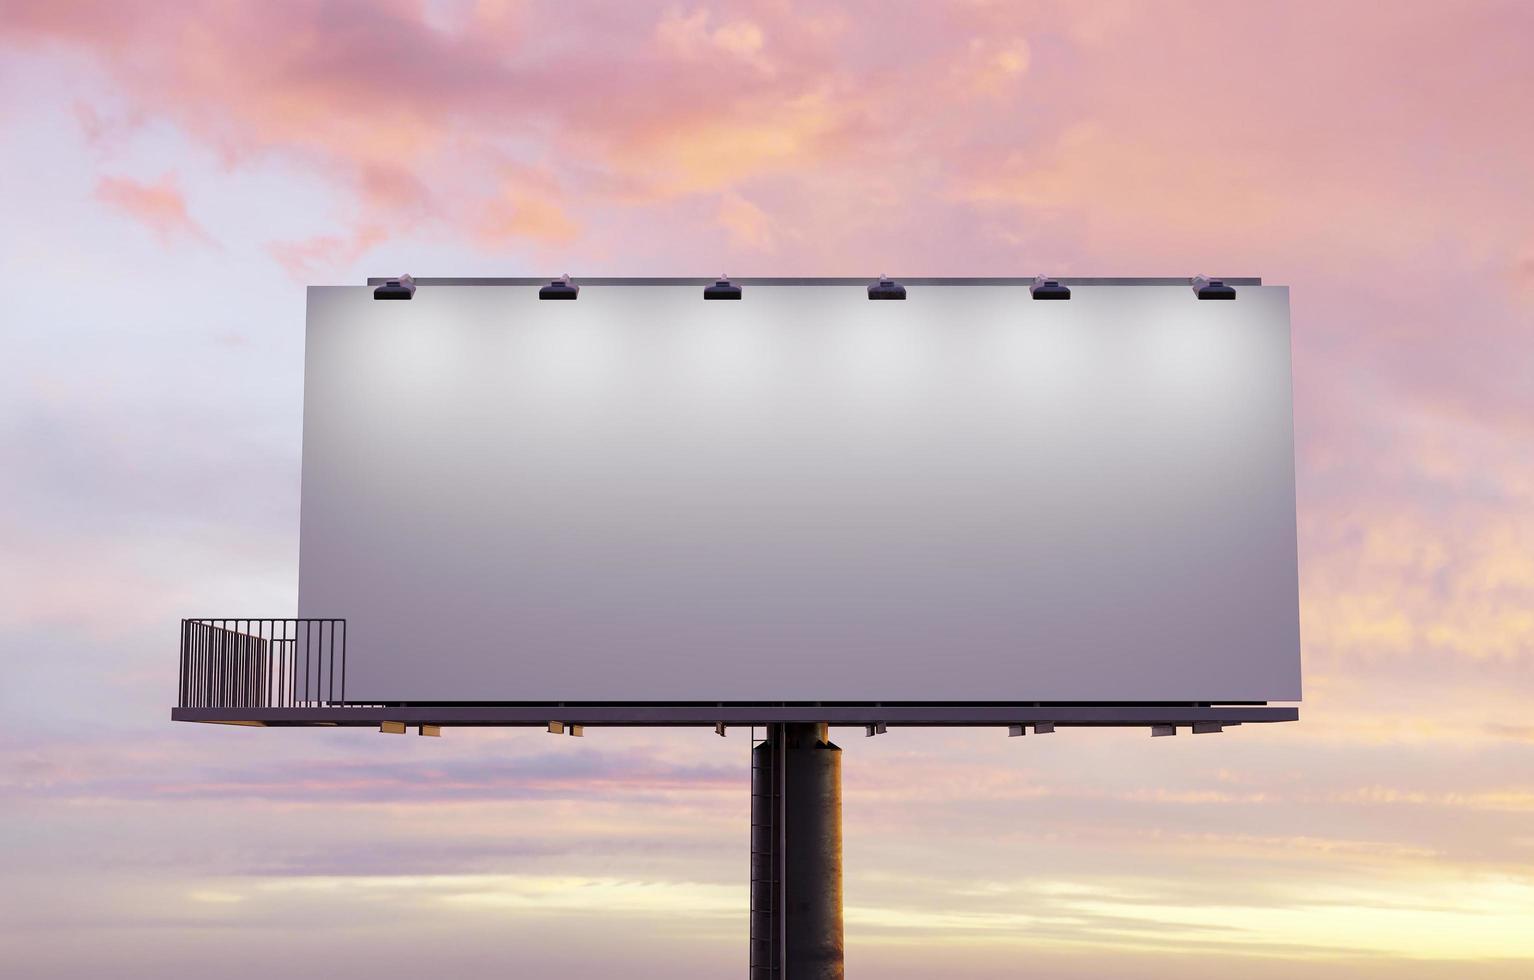 mockup di un cartellone pubblicitario stradale illuminato con faretti foto